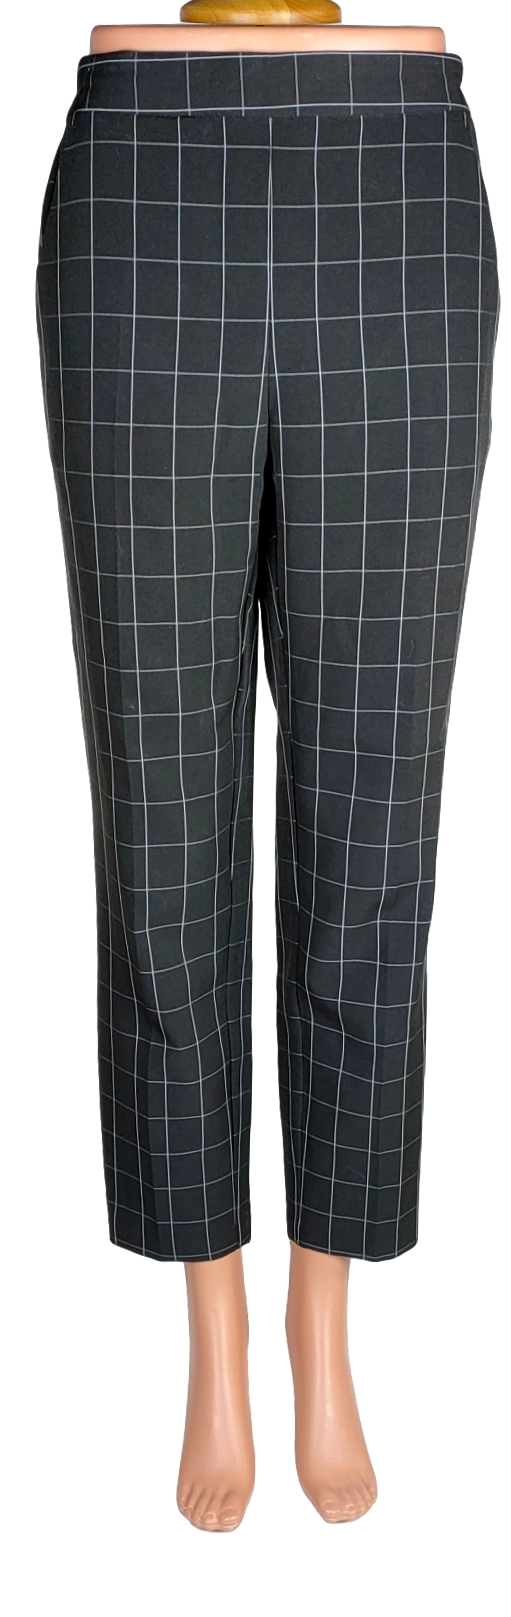 Pantalon GU -Taille L